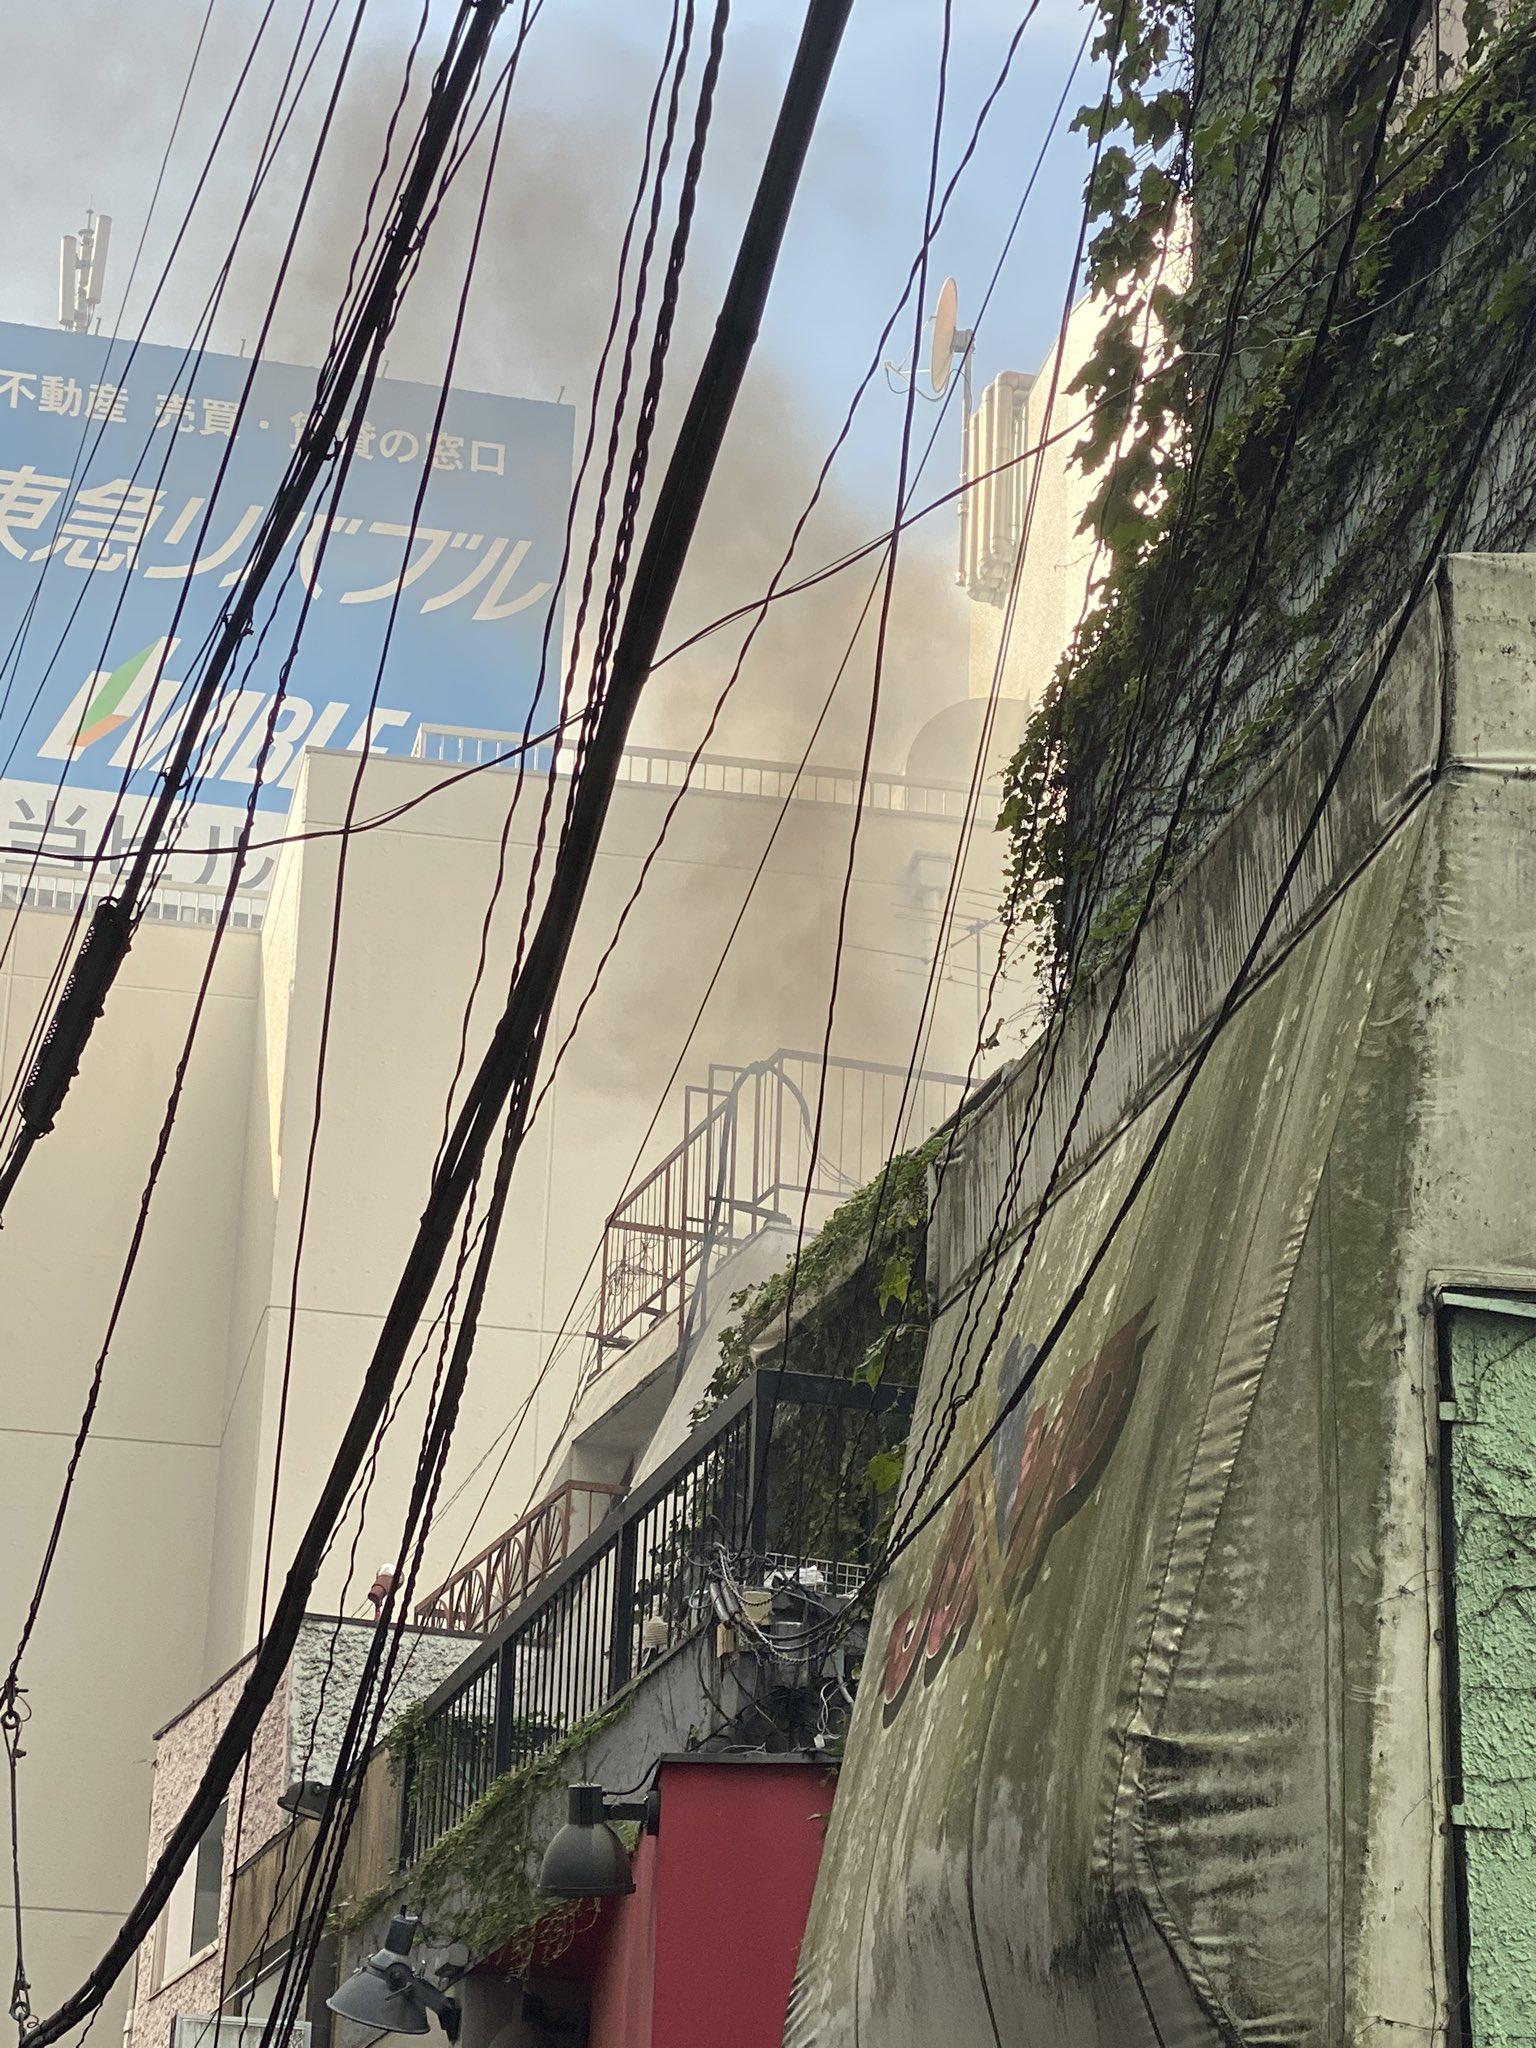 画像,吉祥寺駅前で火事🧯ロータリーが煙で大変なことに💦そしてたくさんの🚒 https://t.co/gAwCcZDMSF。